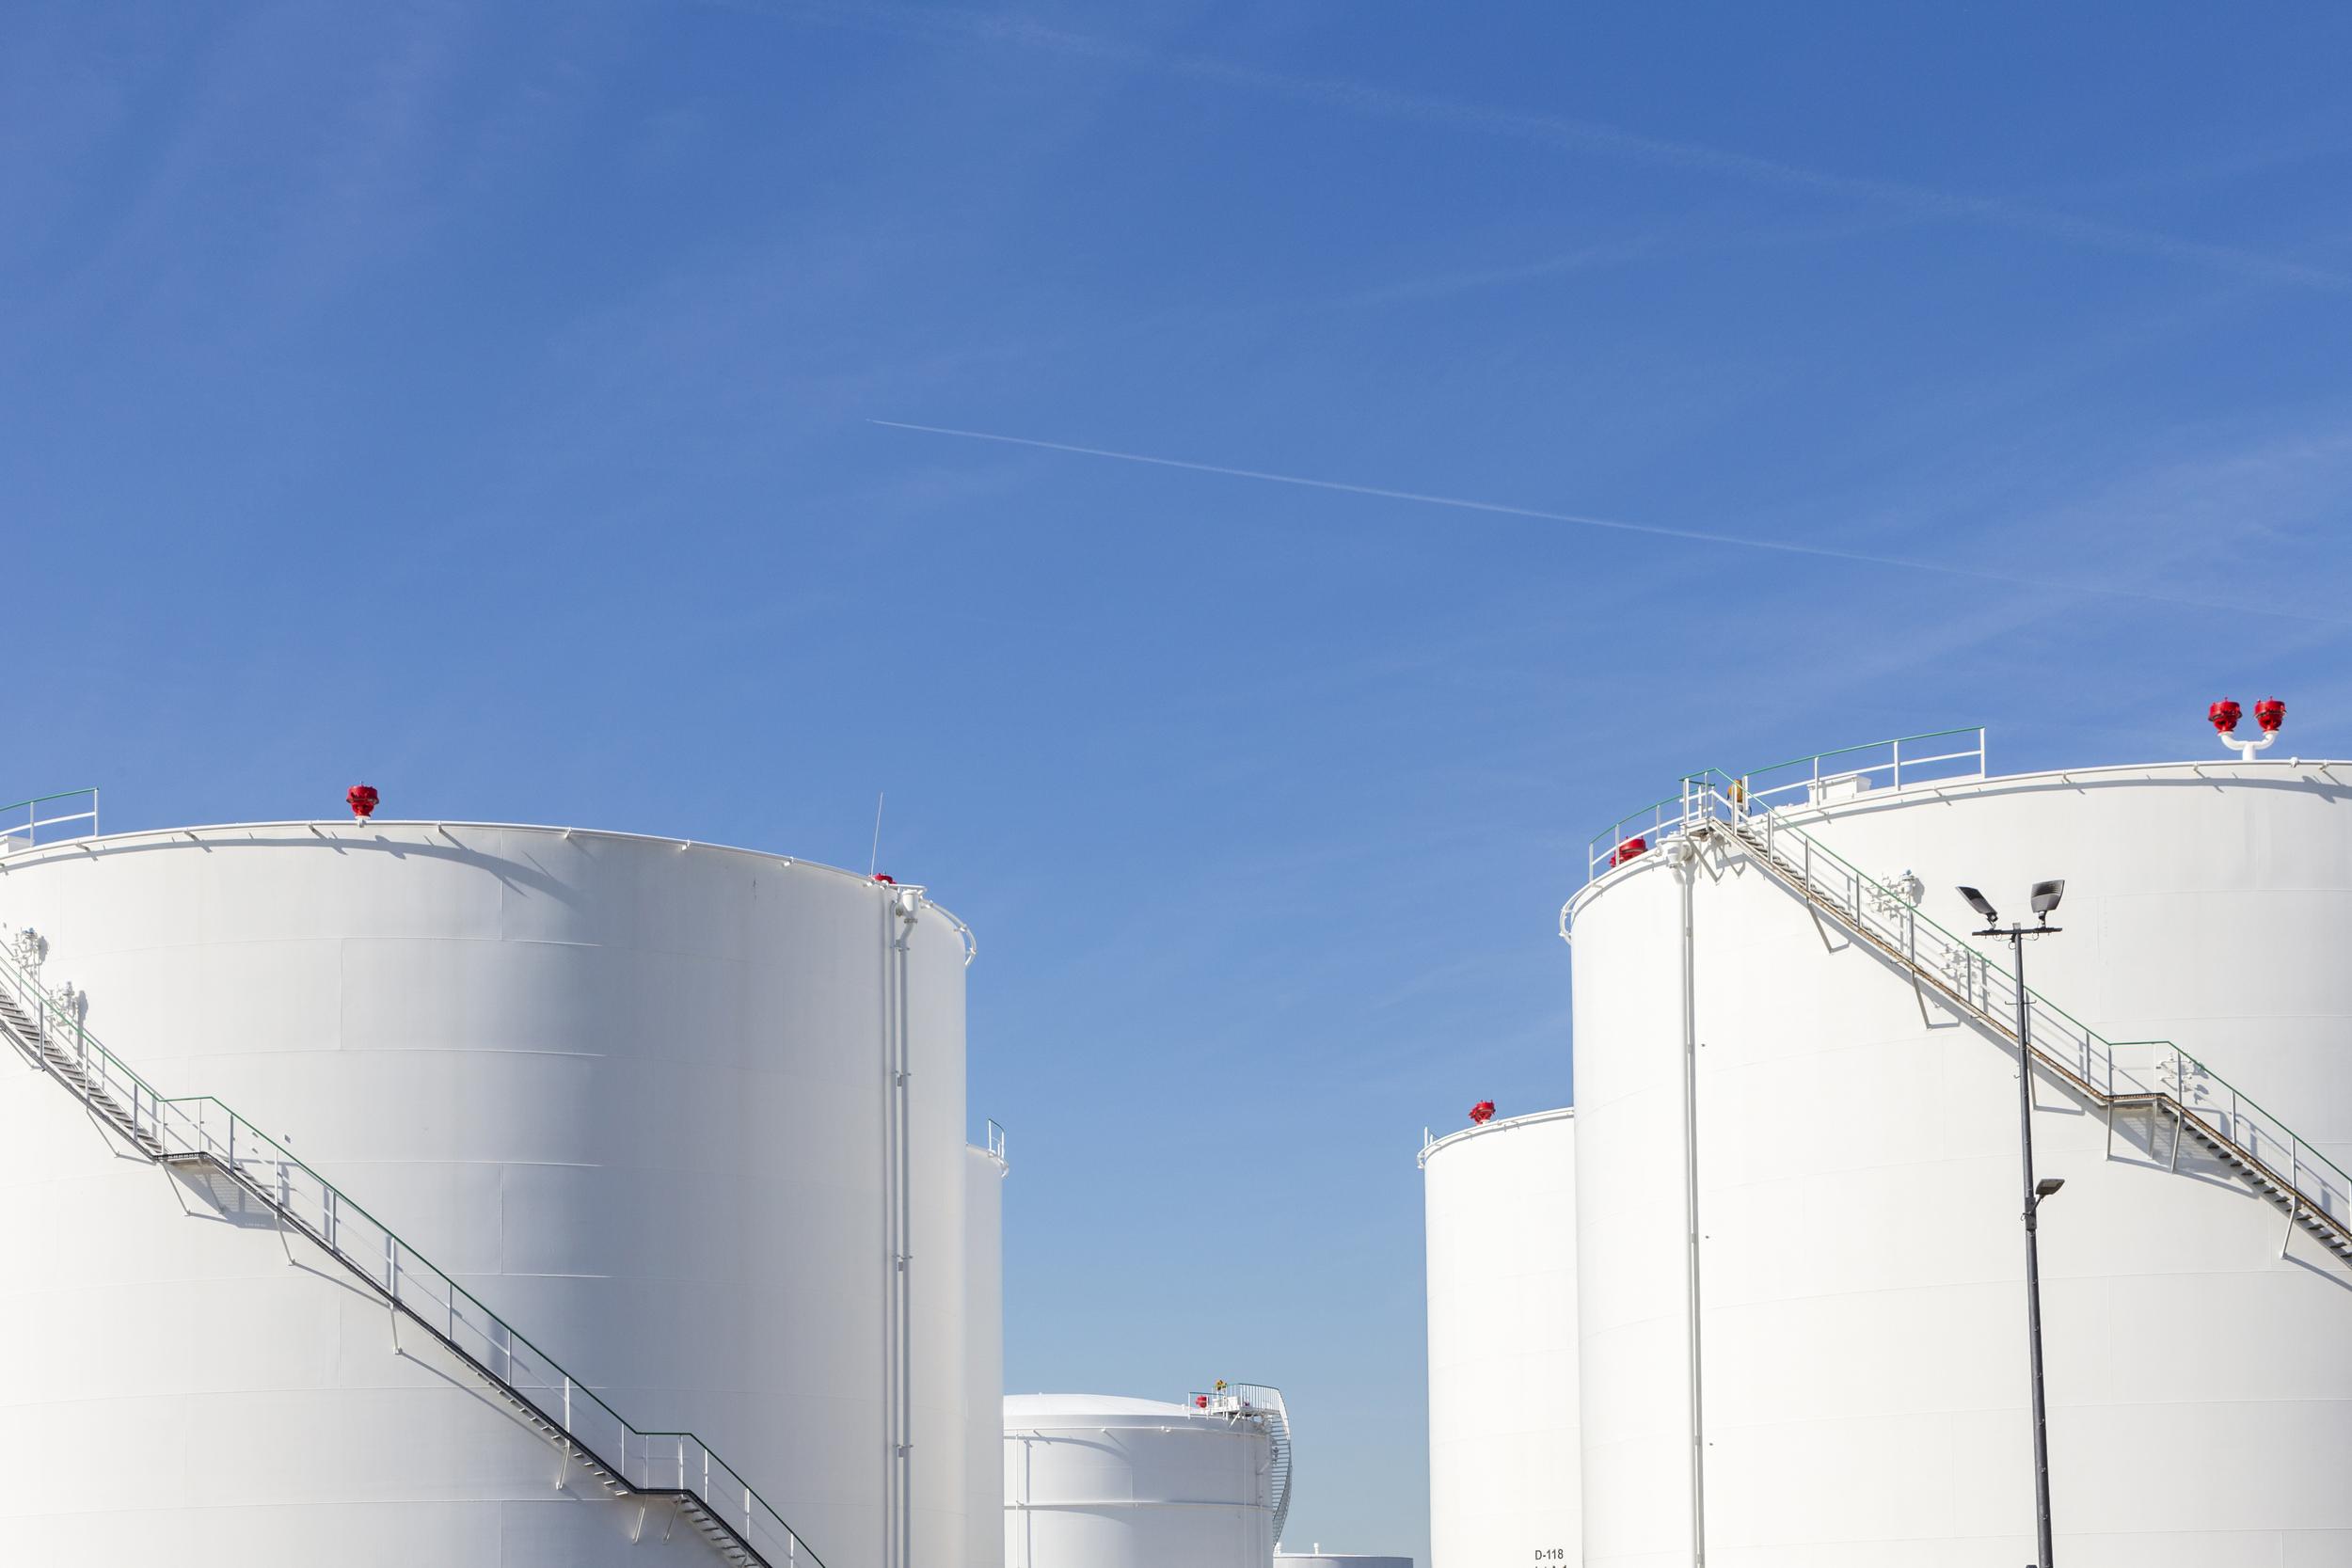 ILFC Ten 32 Fuel Inhibitor Storage Stabilizer, Lubricant